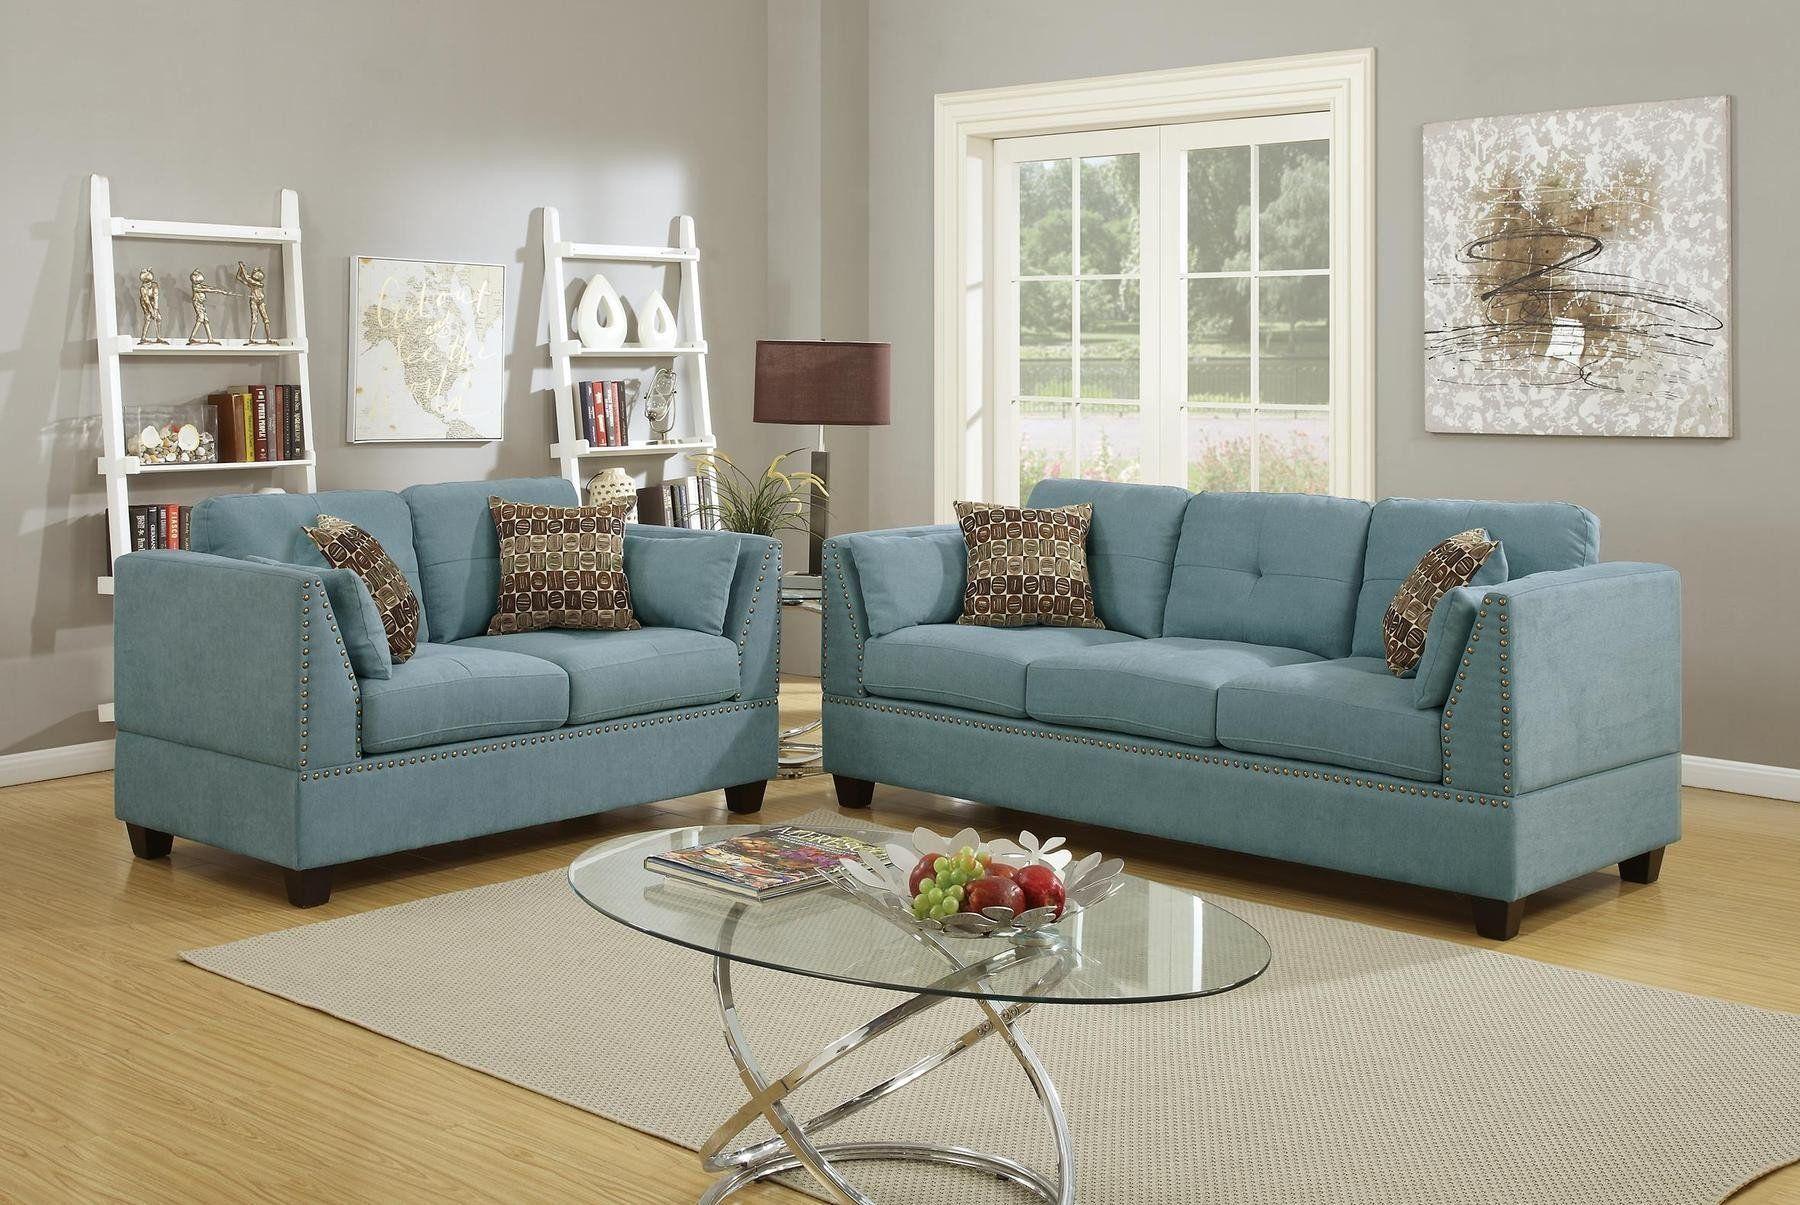 Blue Sofa Set Living Room Hydra Blue Sofa Set Sofa And Loveseat Set Velvet Living Room Living Room Sets